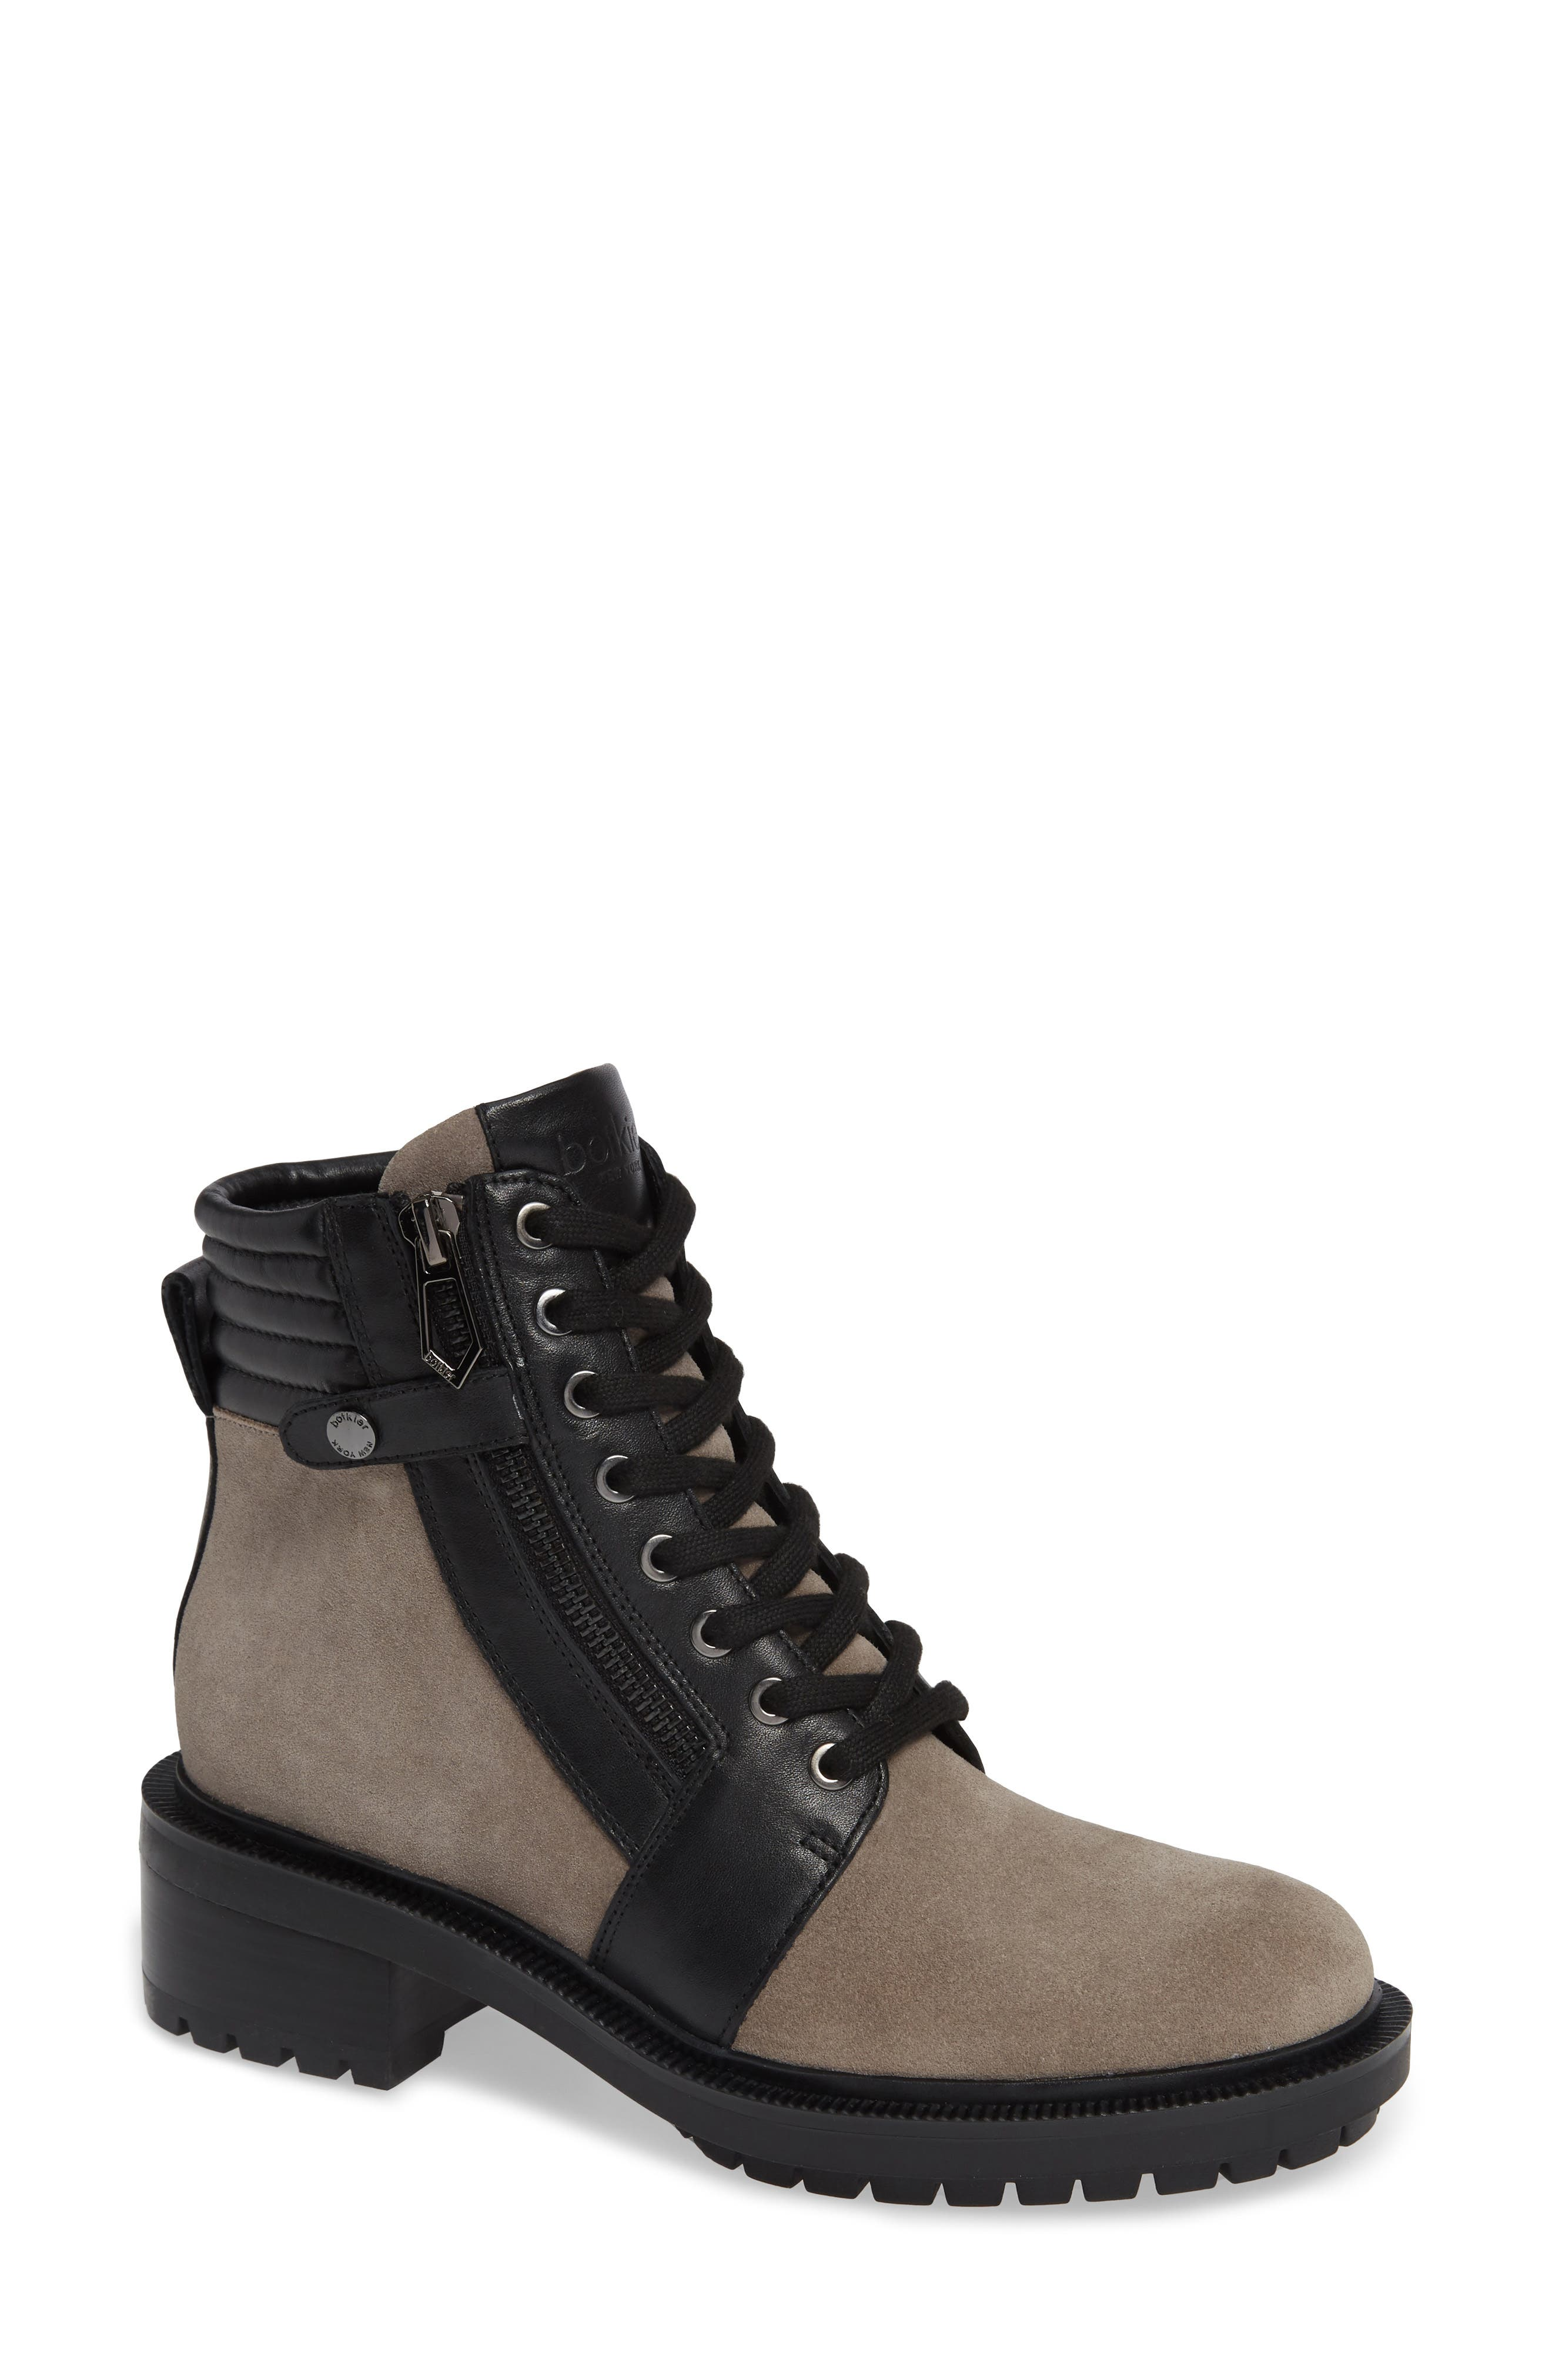 les bottes pour femmes bottes, de nordstrom botkier bottes, femmes ... c3460c8f9251